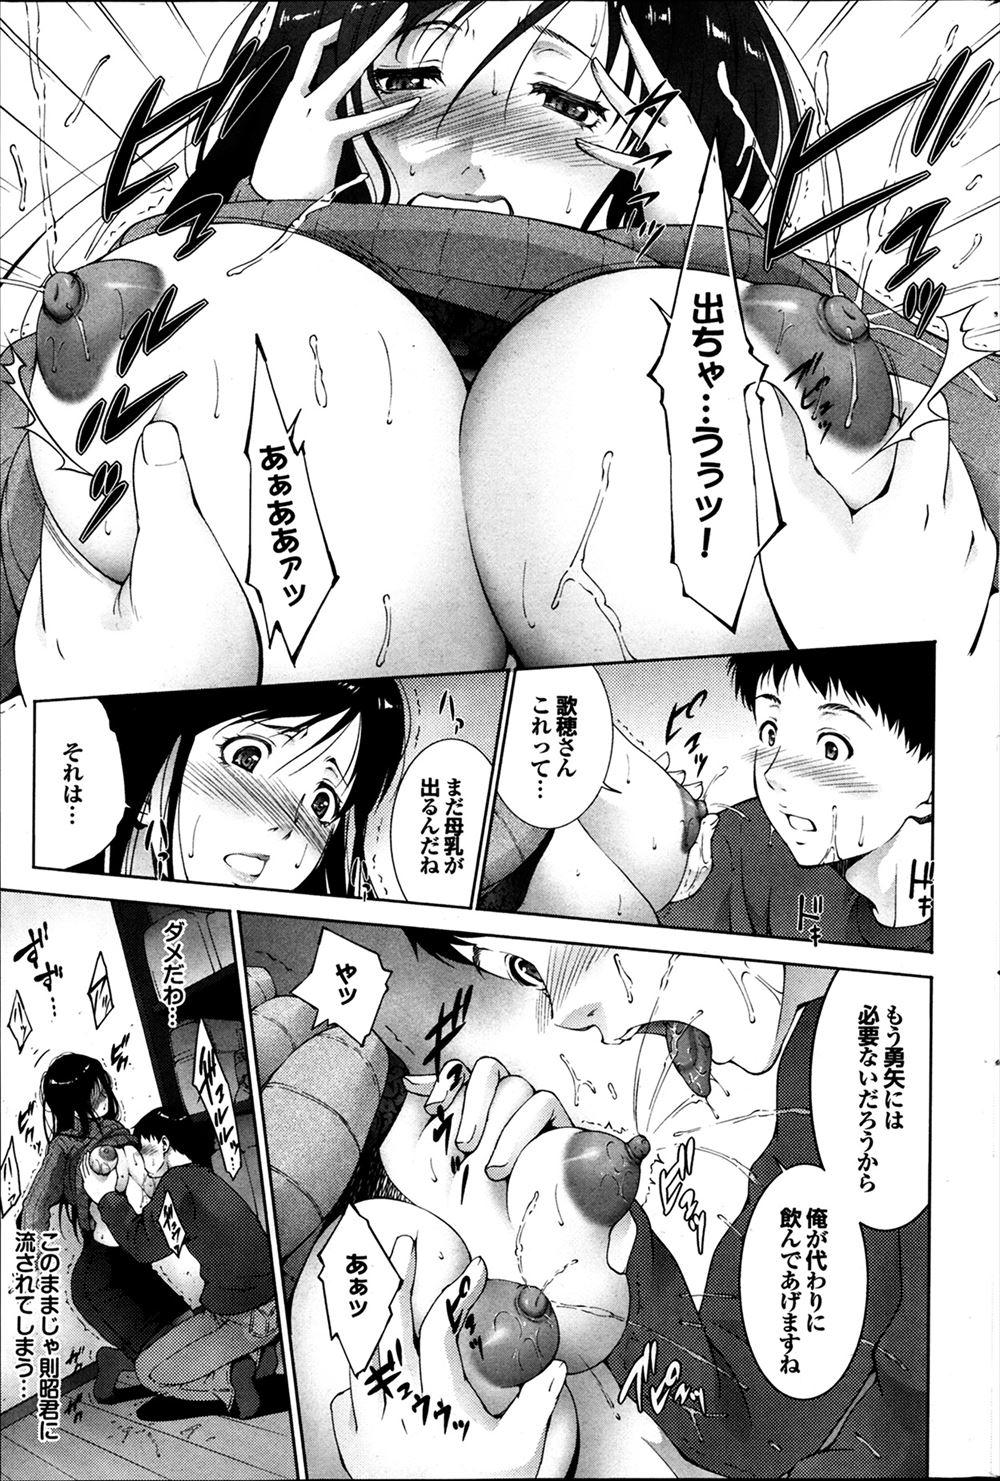 【エロ漫画・エロ同人誌】巨乳人妻から息子の相談受けてたらセックス出来ますたwww (7)